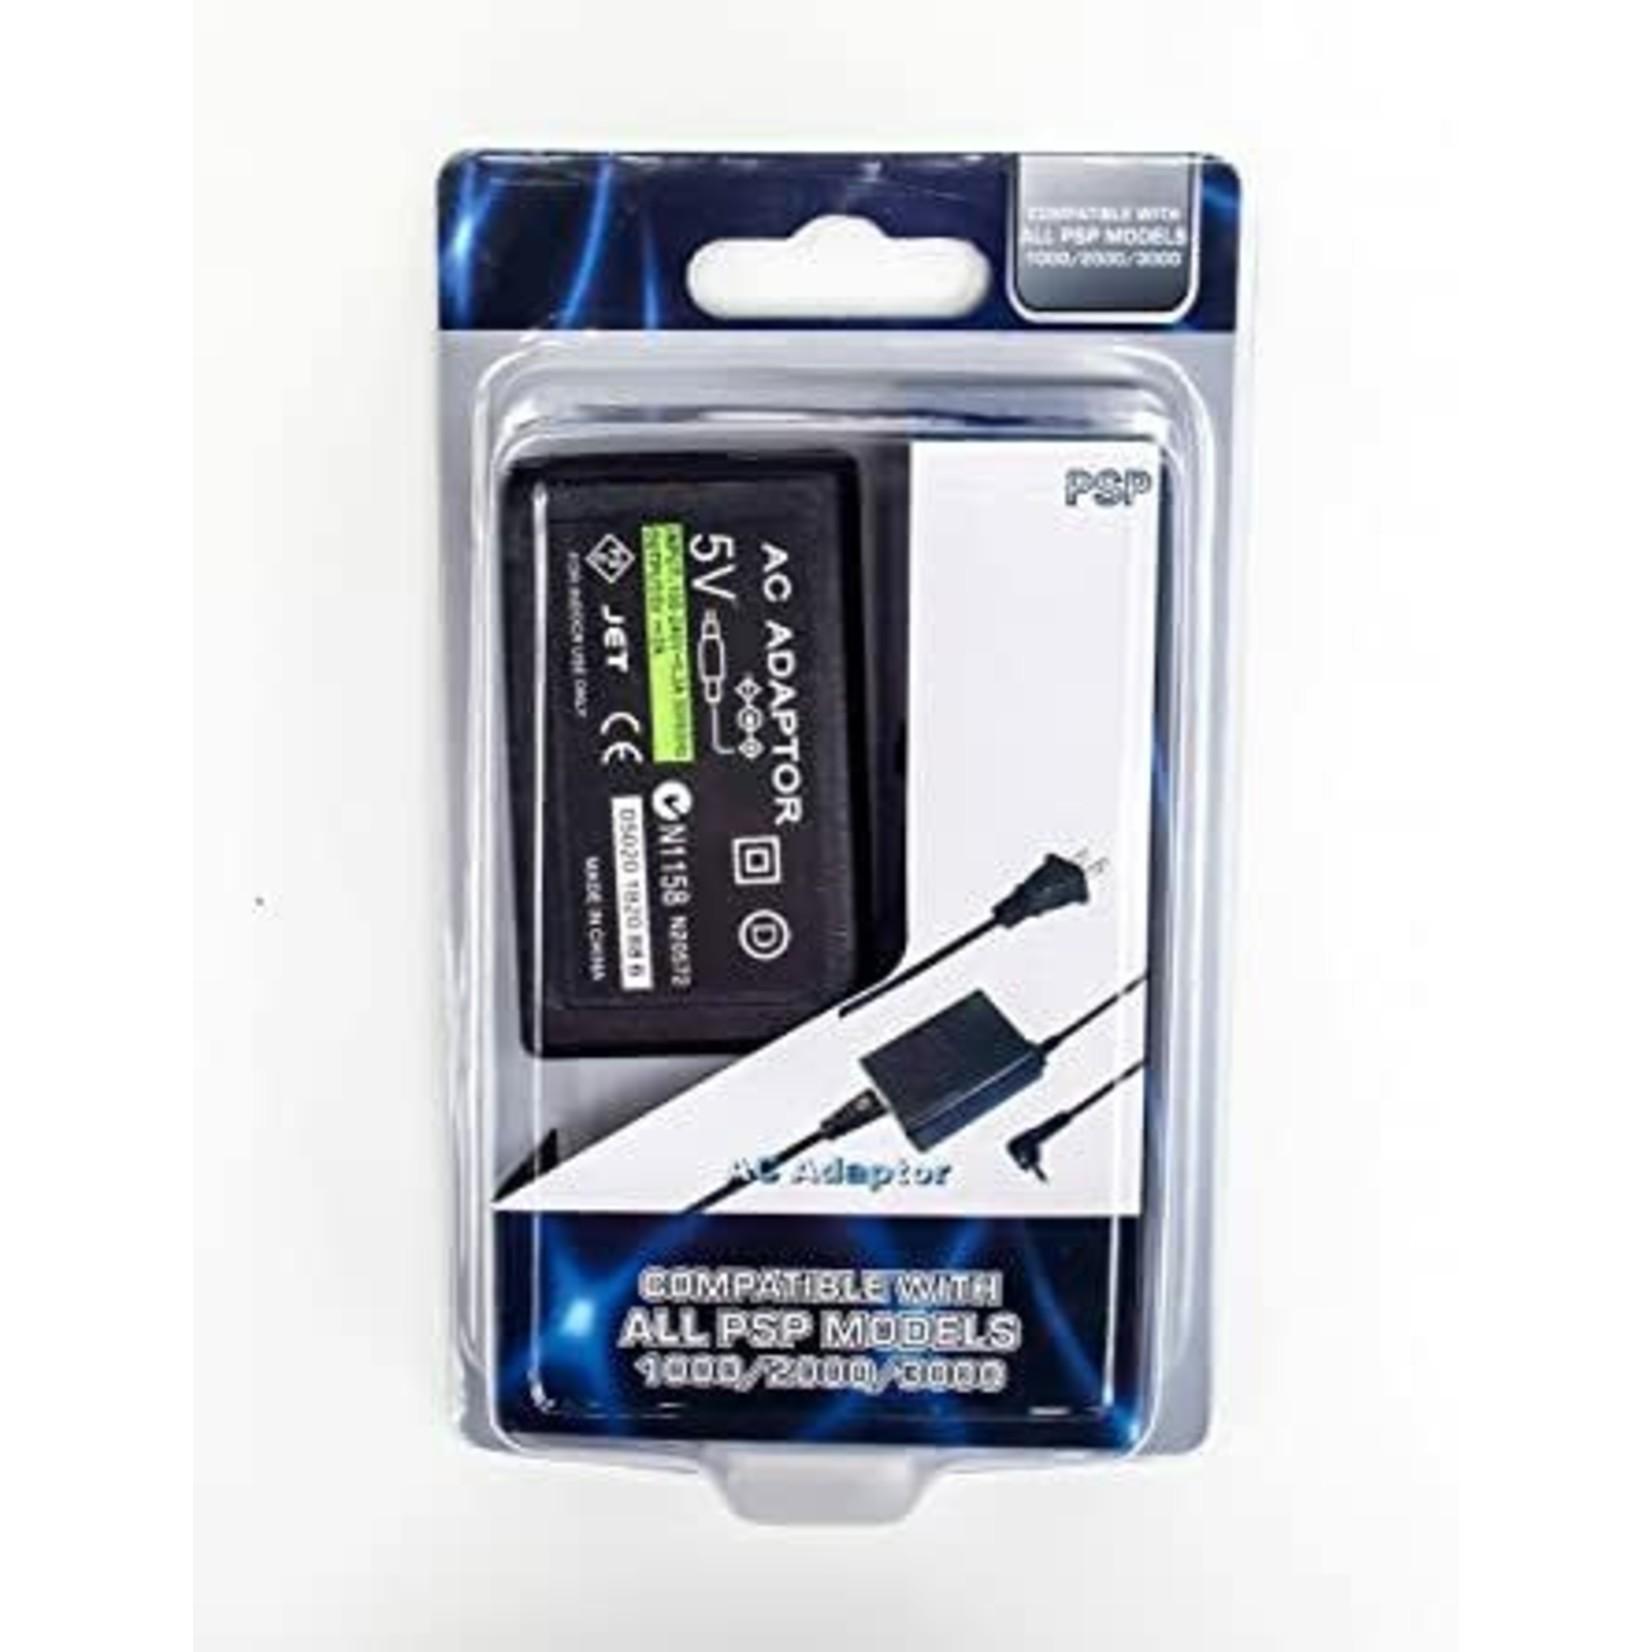 PSP AC Adapter - Old Skool